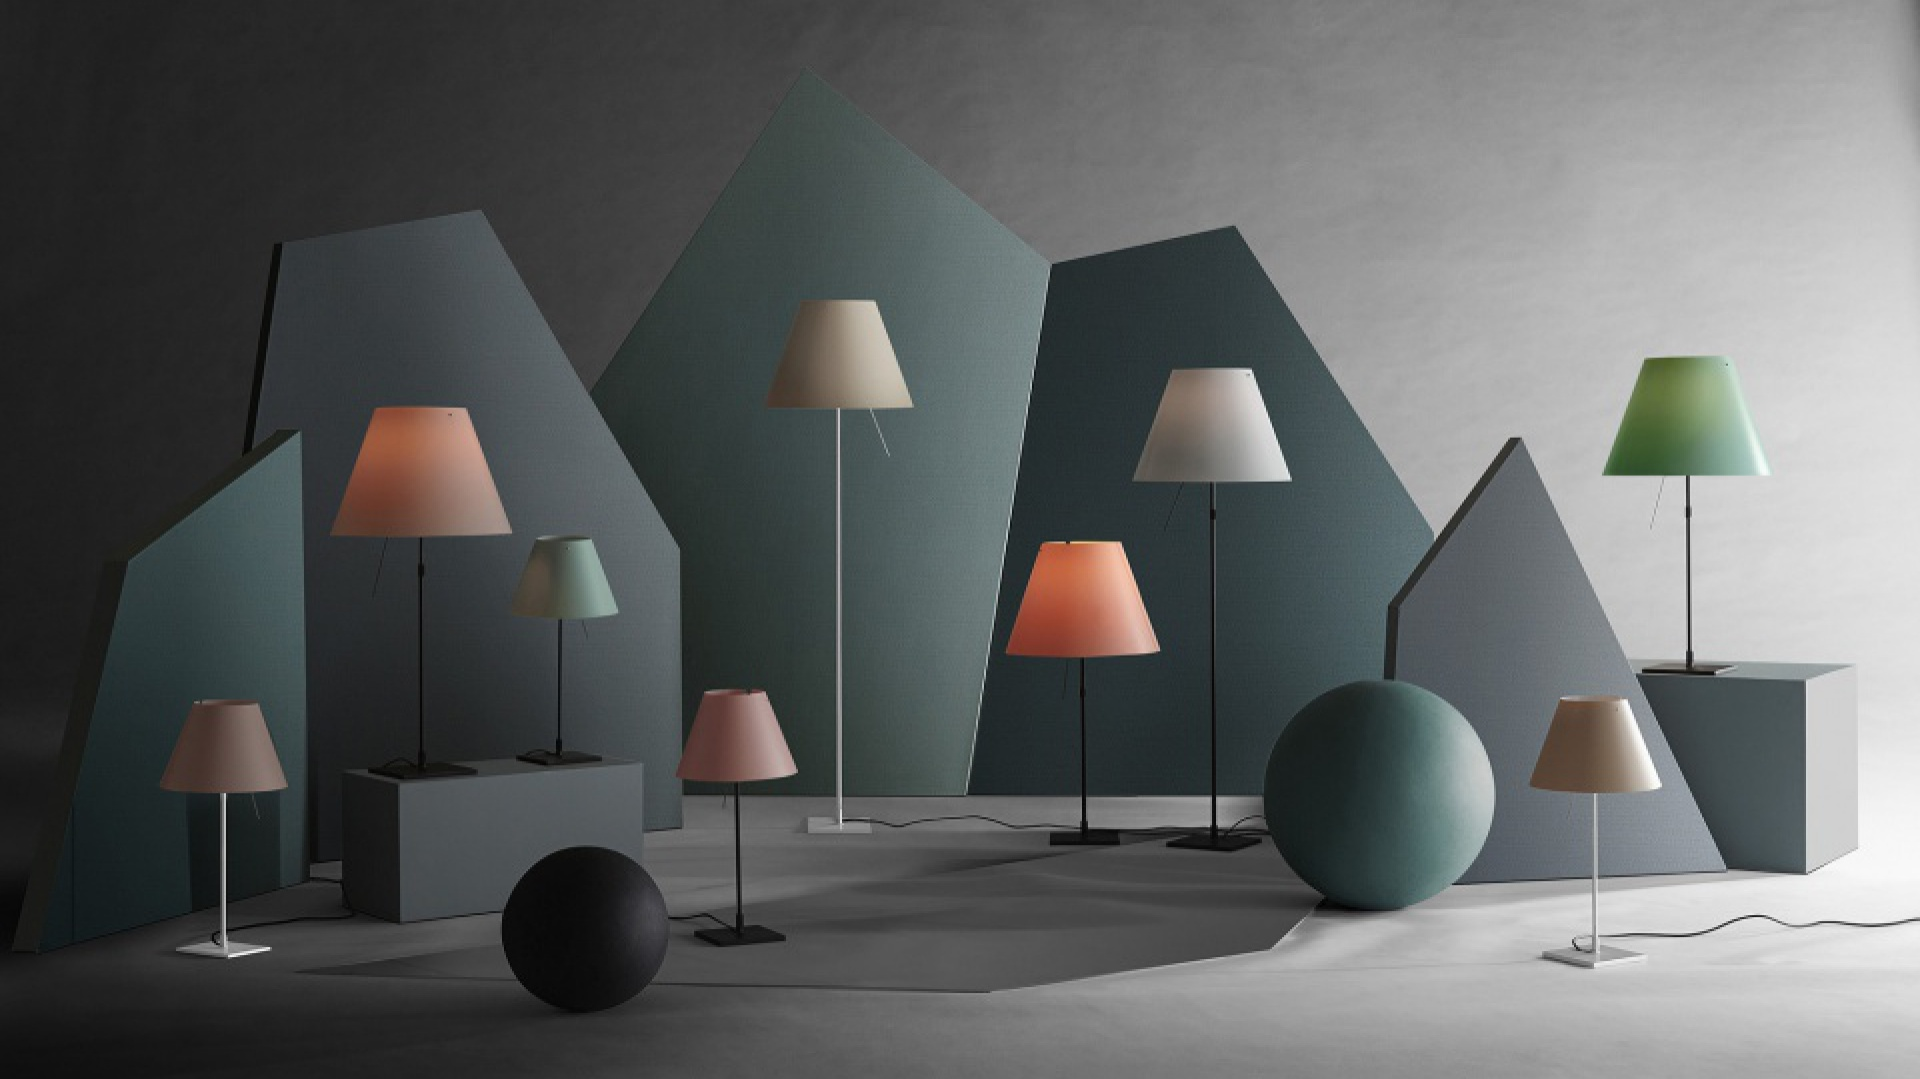 Lampa Costanza Luceplan fot. materiały prasowe